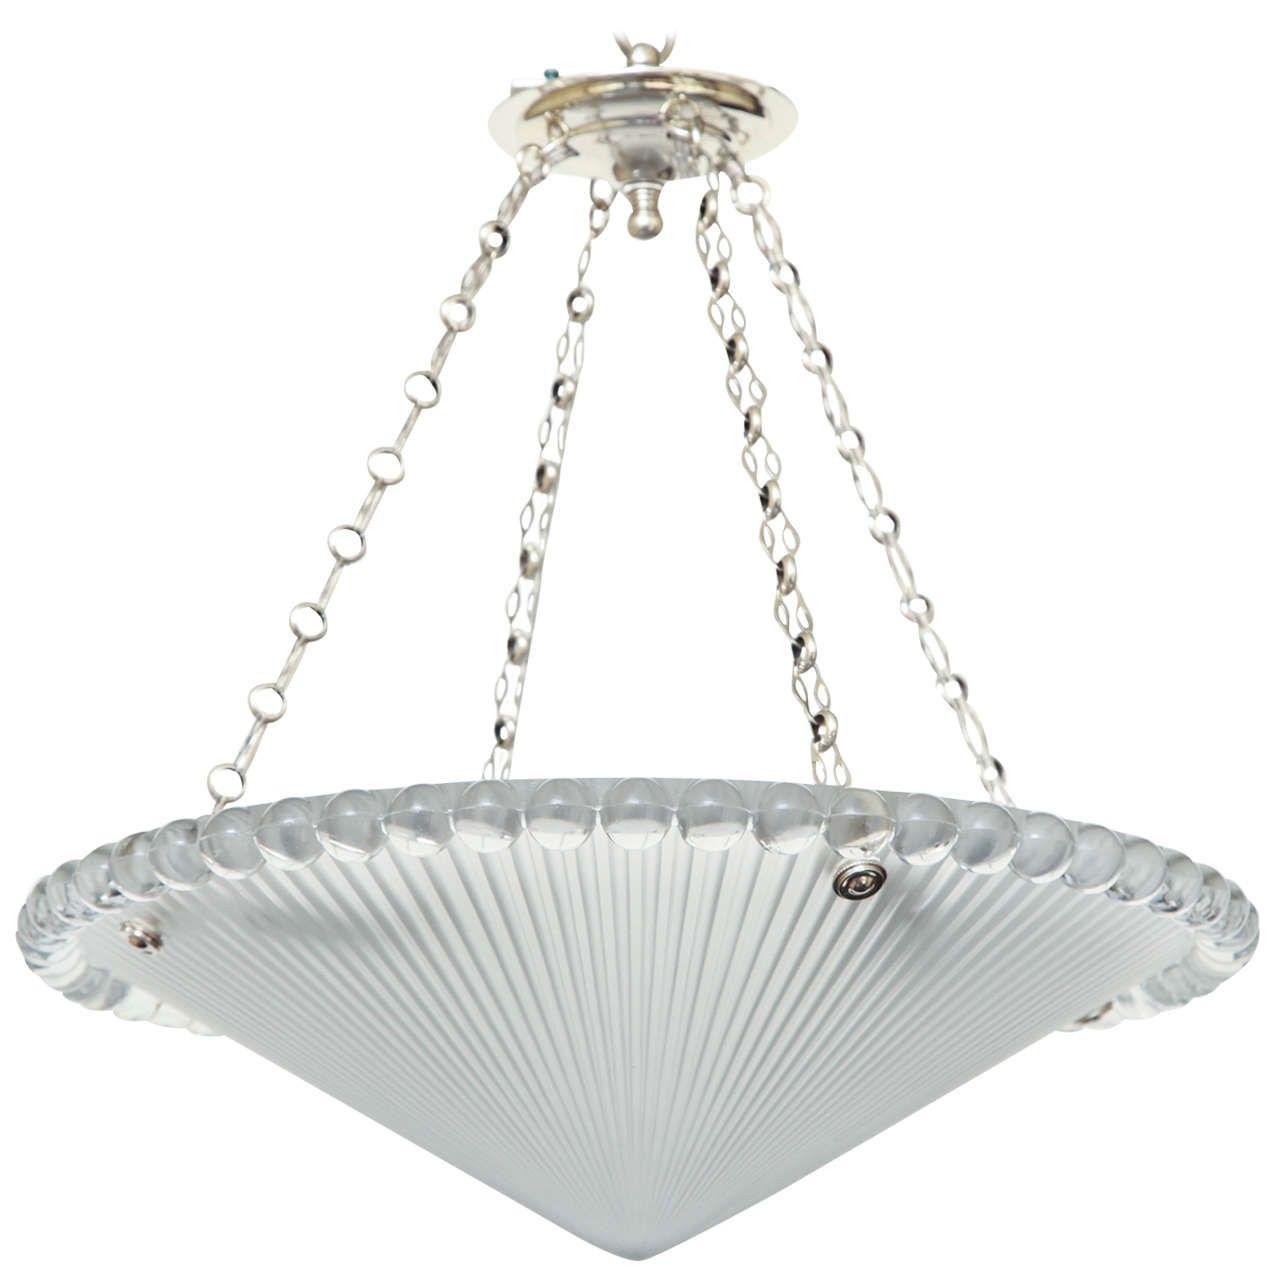 Art deco r lalique moldedglass pendant from a unique collection